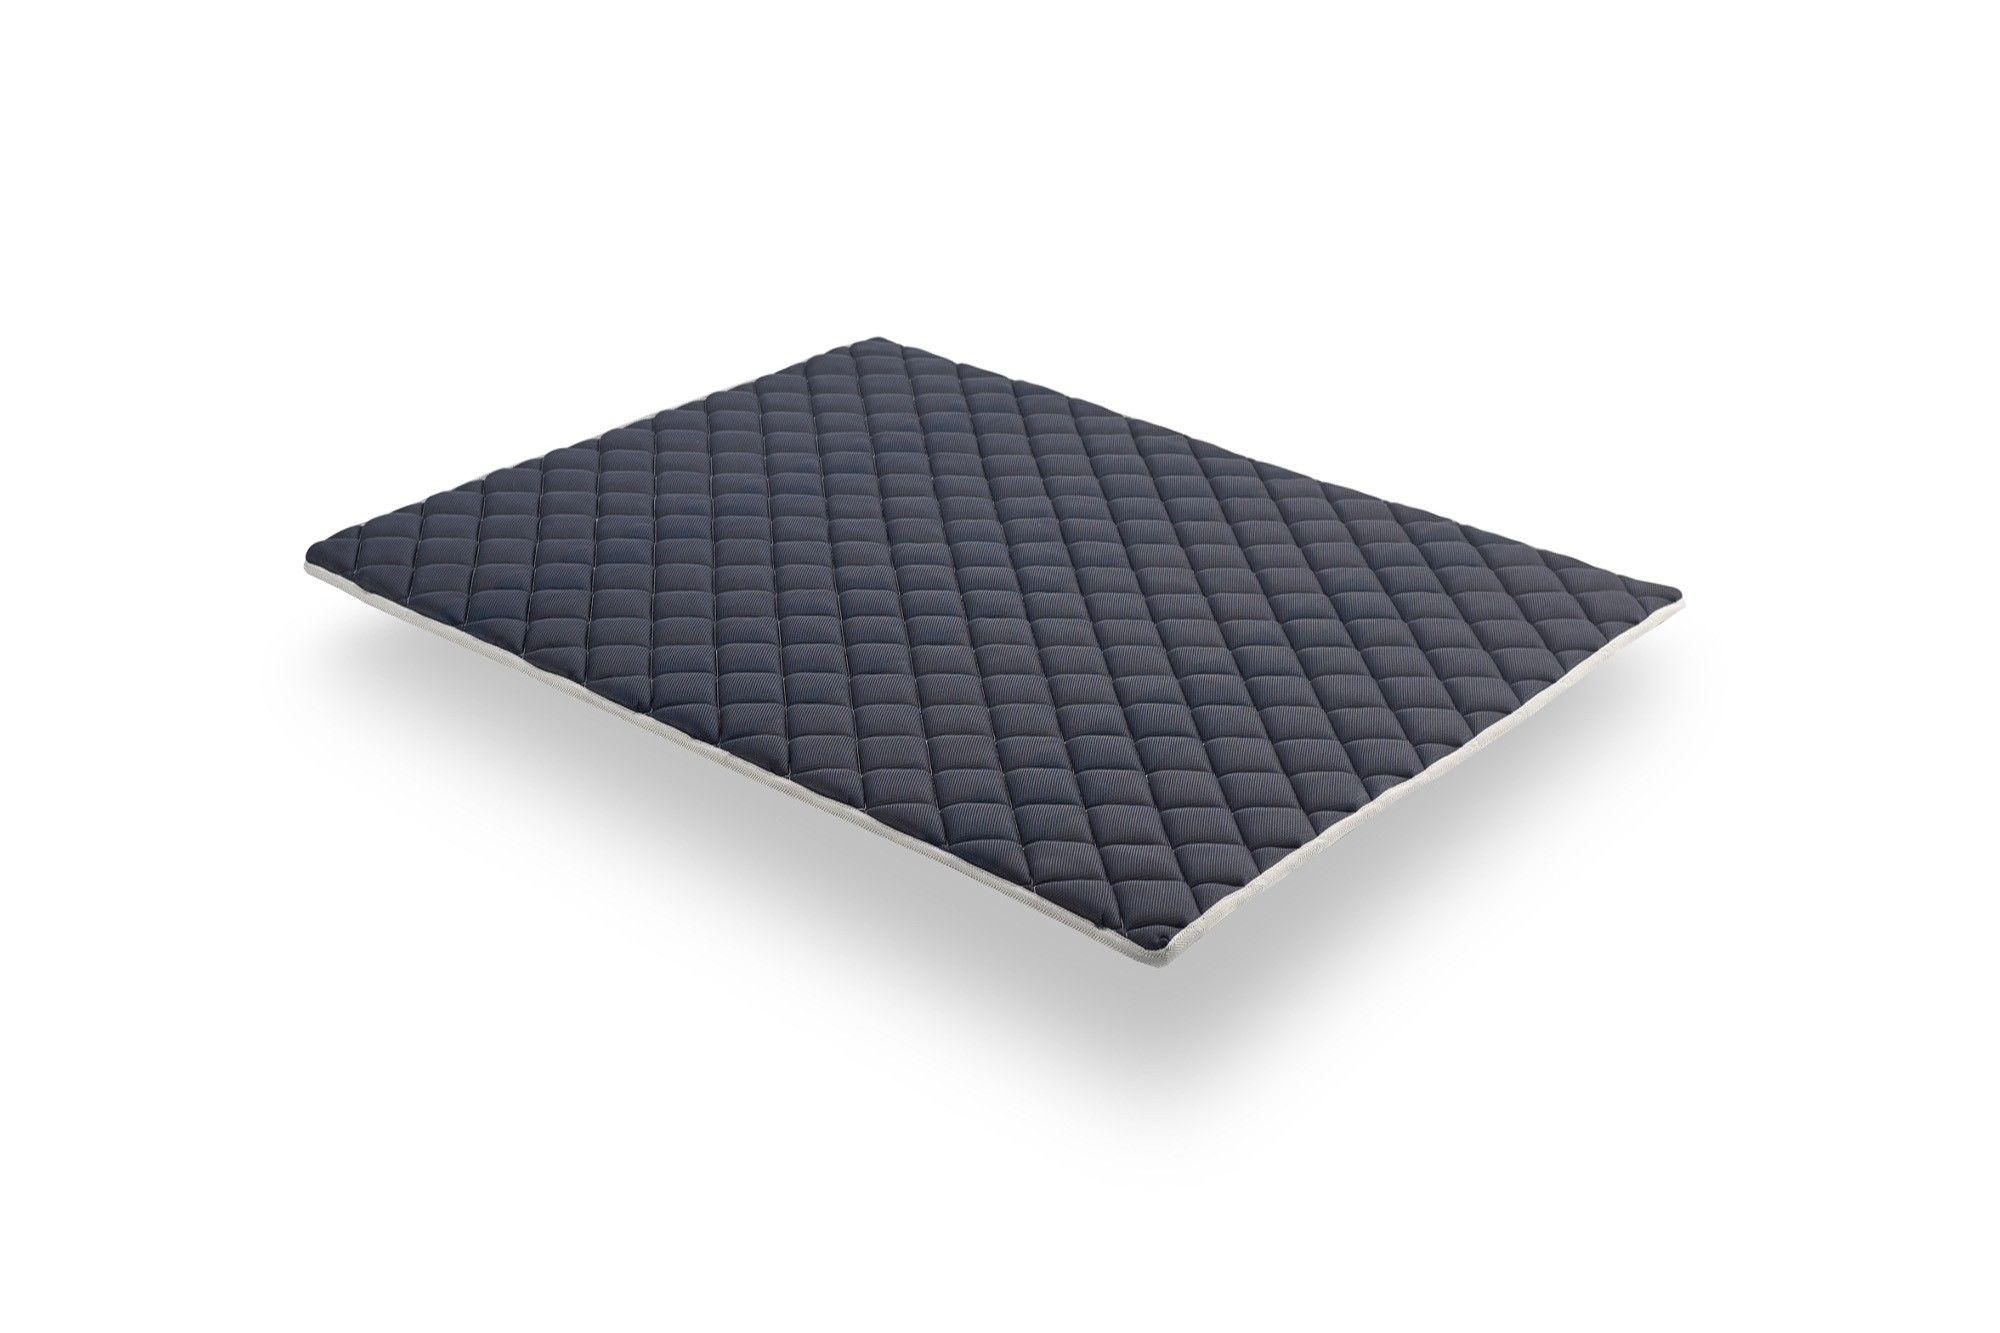 El lado de verano, con espuma viscoelástica, es termorregulador y garantiza que se despierte con una sensación de frescura. El material es más transpirable que las espumas convencionales.